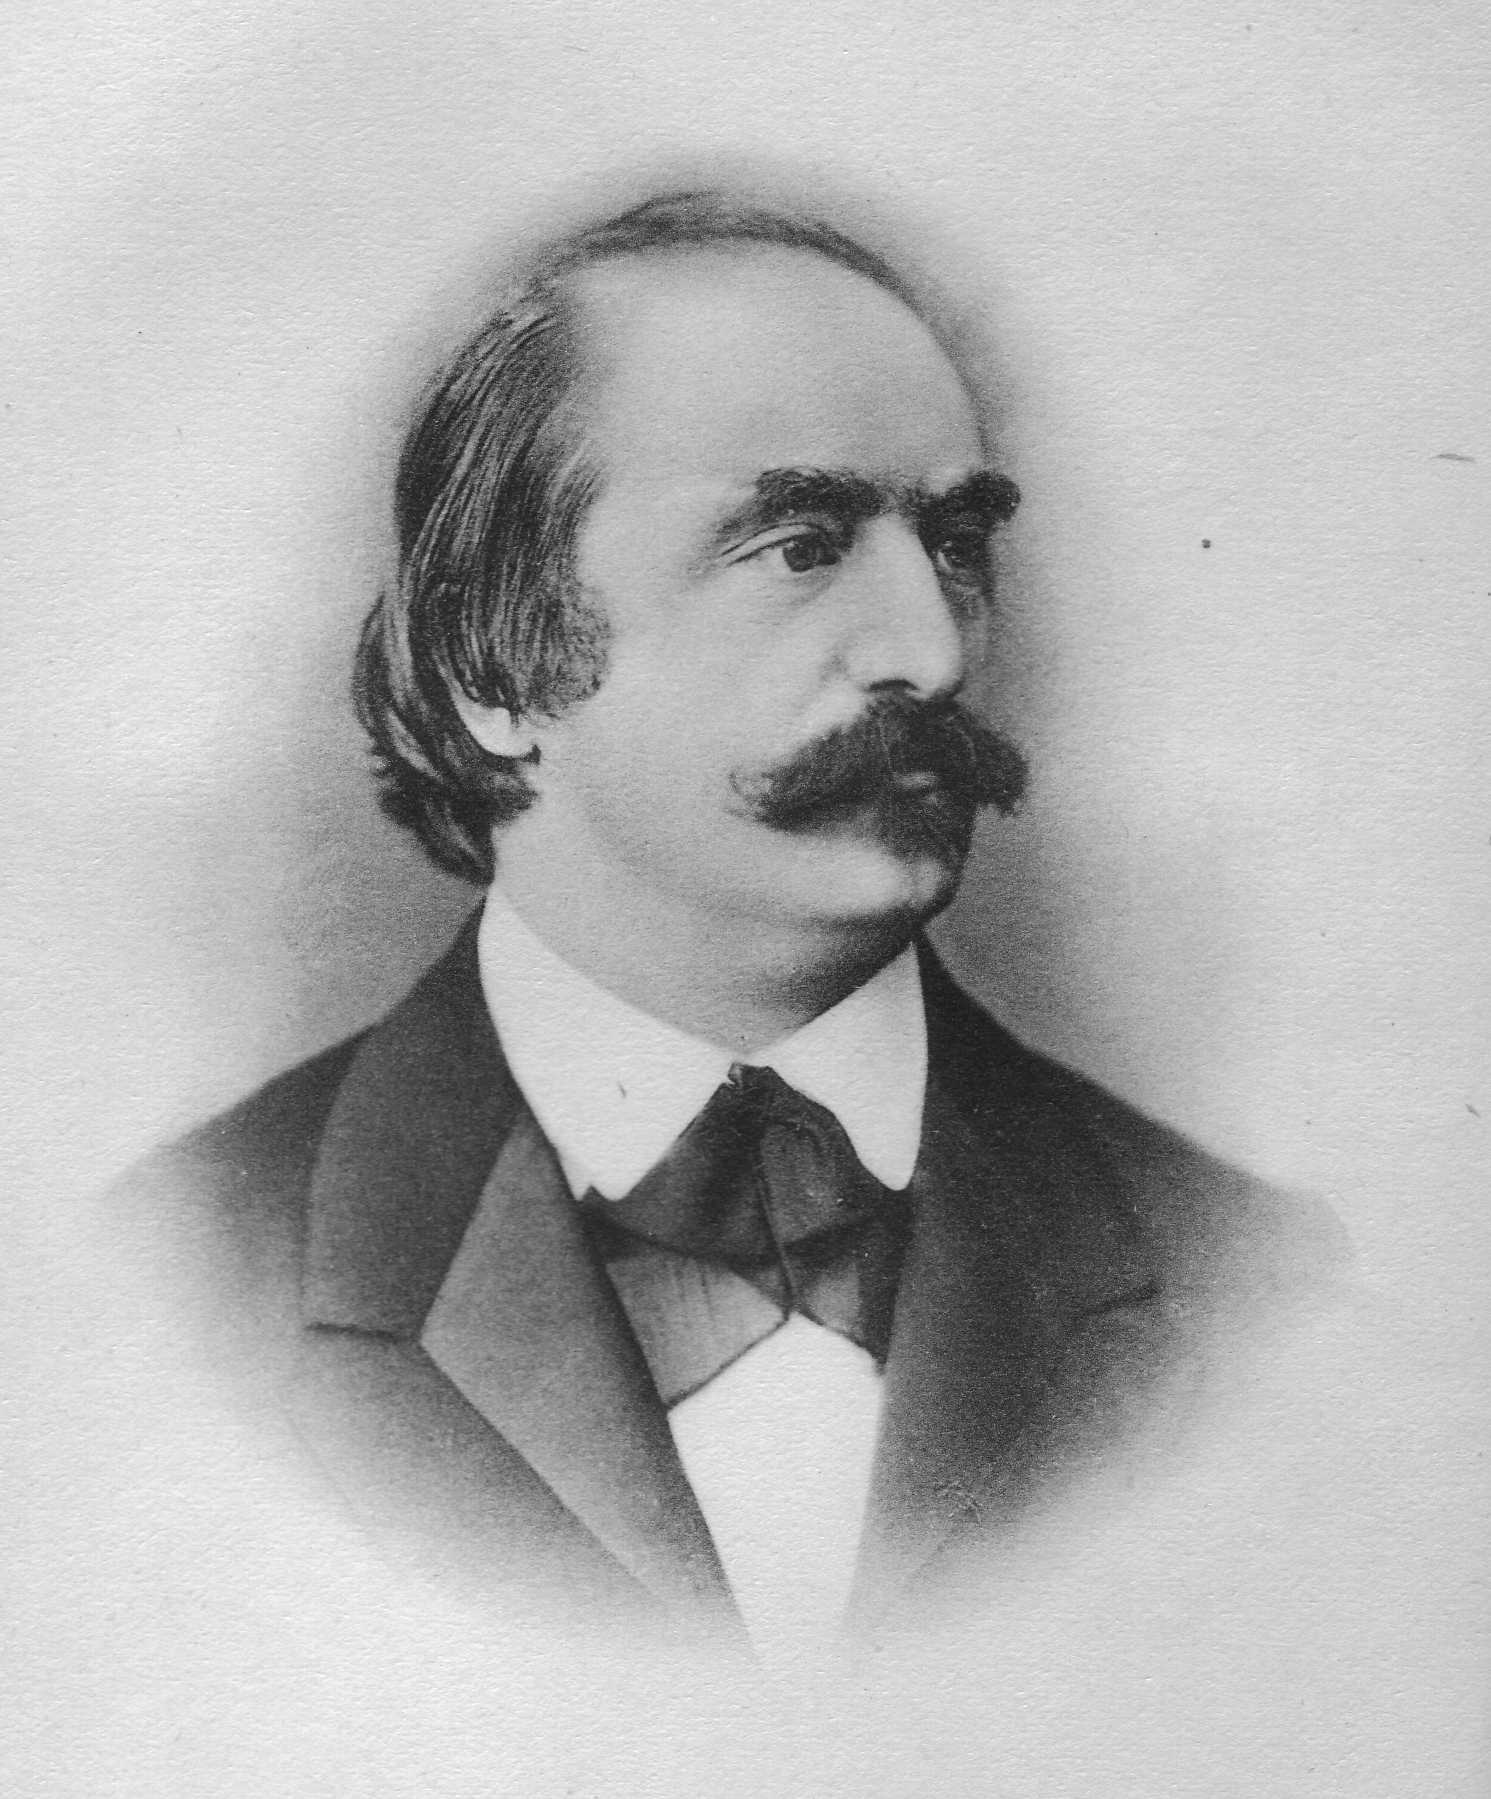 El crítico Eduard Hanslick fue uno de los principales detractores de Wagner.